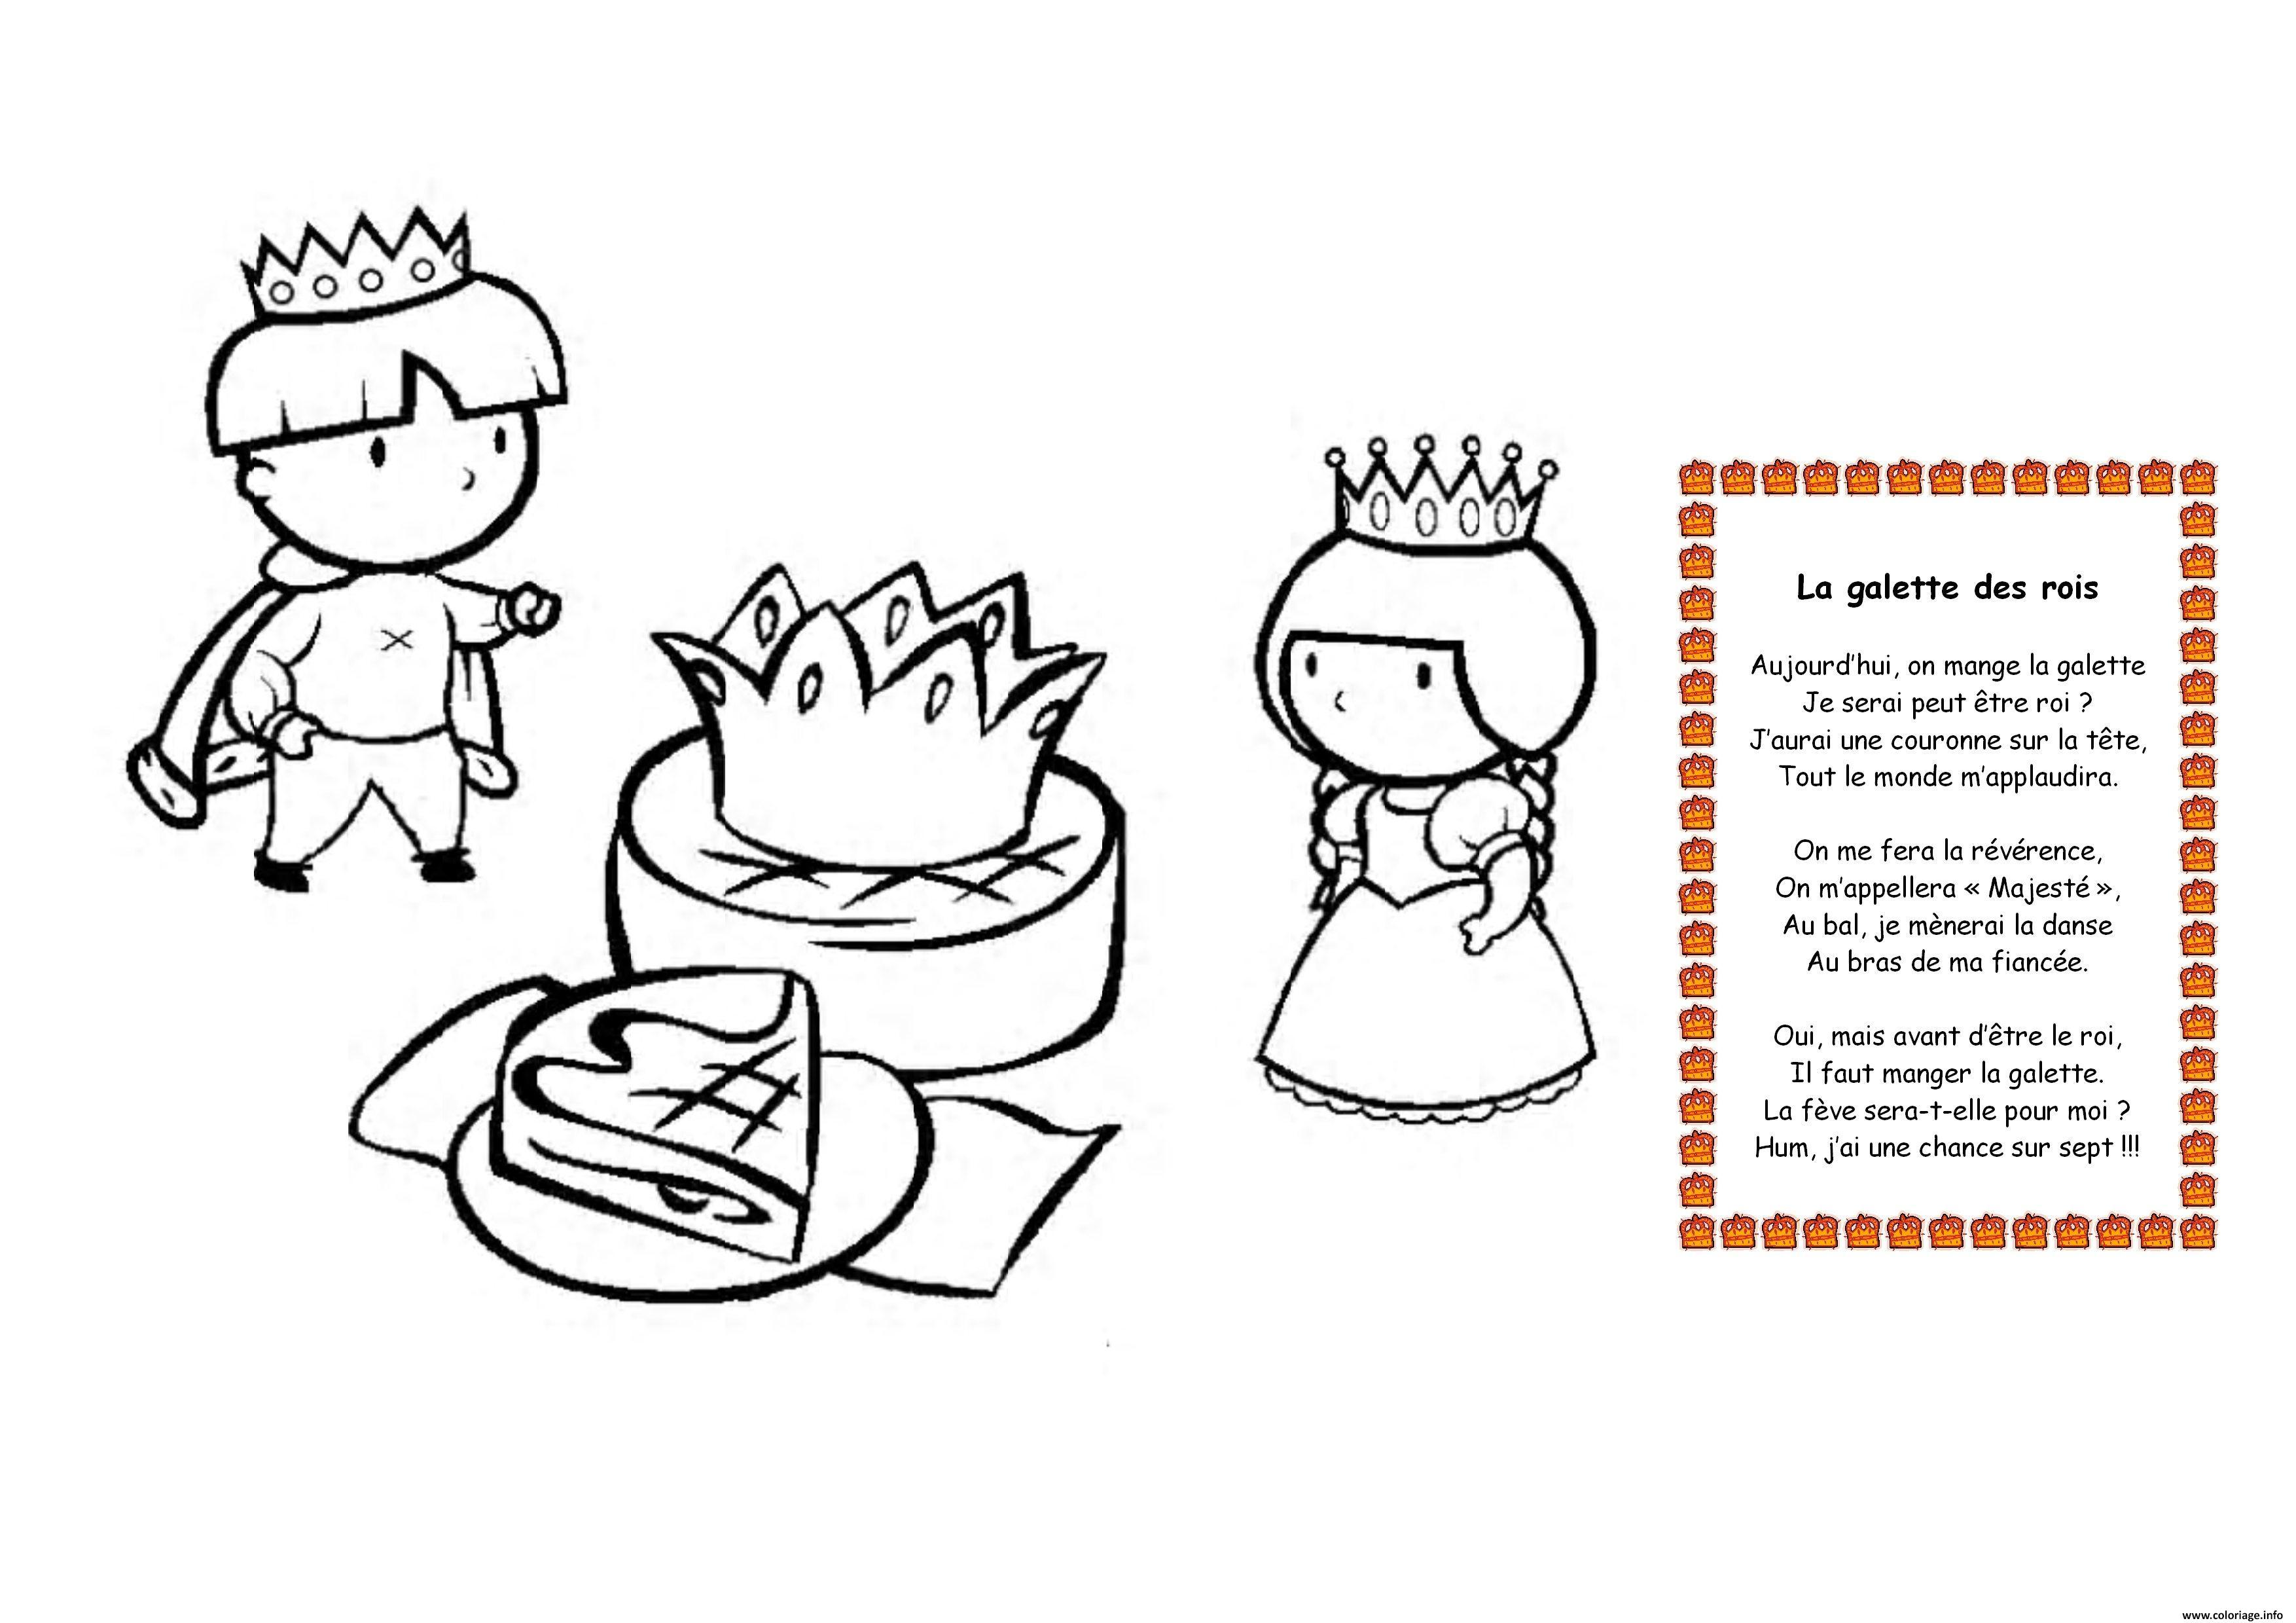 Coloriage la galette des rois dessin - Dessin sur galette des rois ...